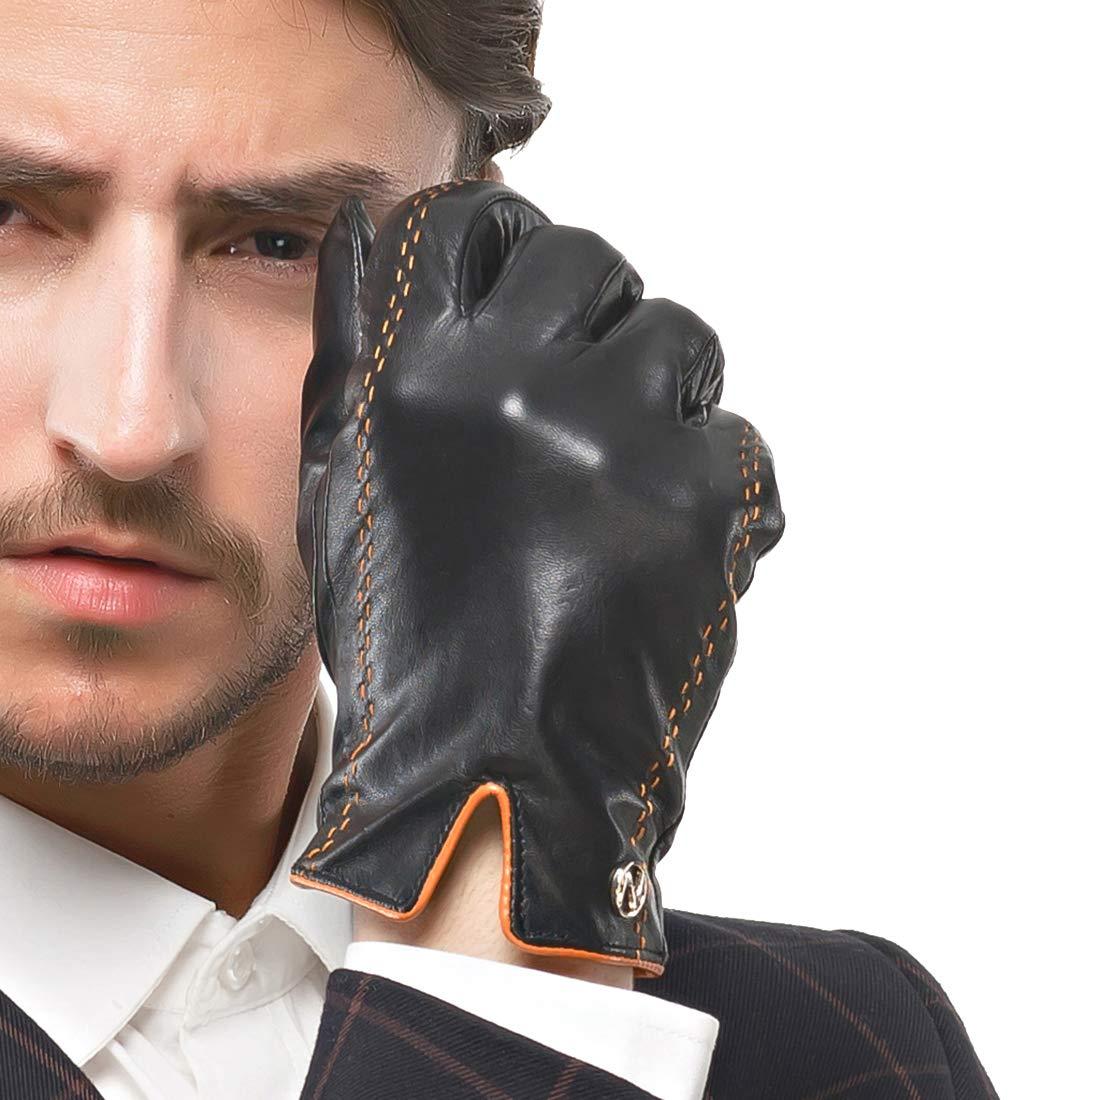 Nappaglo uomini italiano nappa guanti di pelle touchscreen di pelle calda dei guanti con linee di colpire il colore